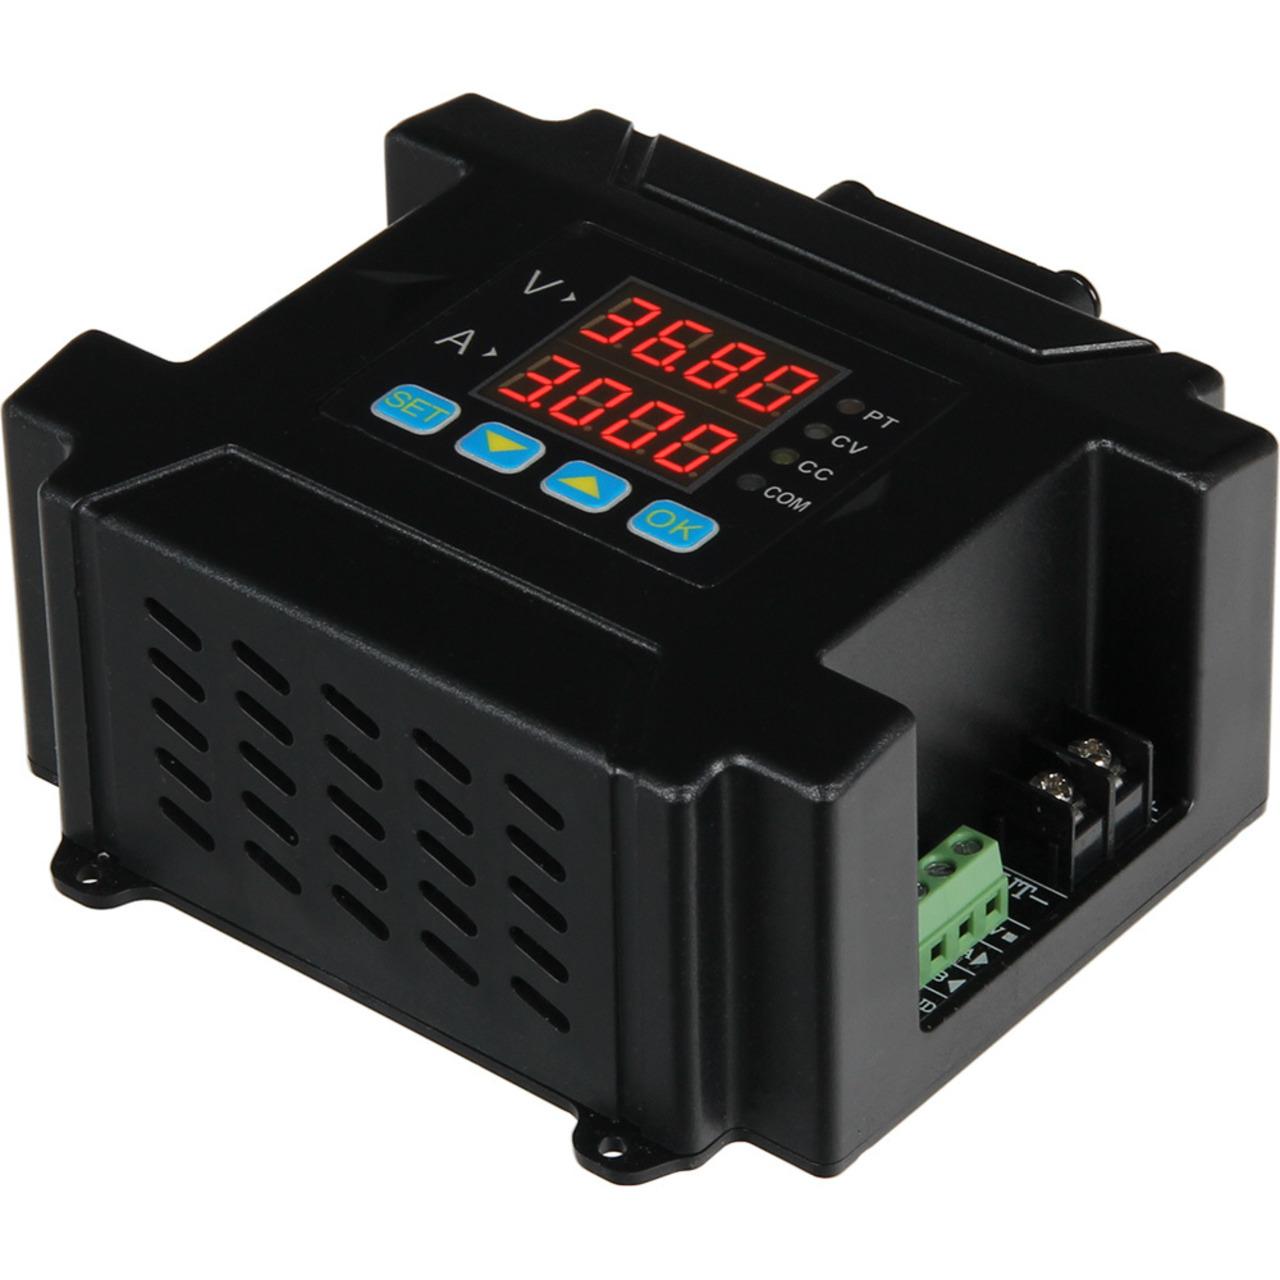 Joy-IT-programmierbares Labornetzgerät JT-DPM8605- 0-60 V-0-5 A- max- 300 W